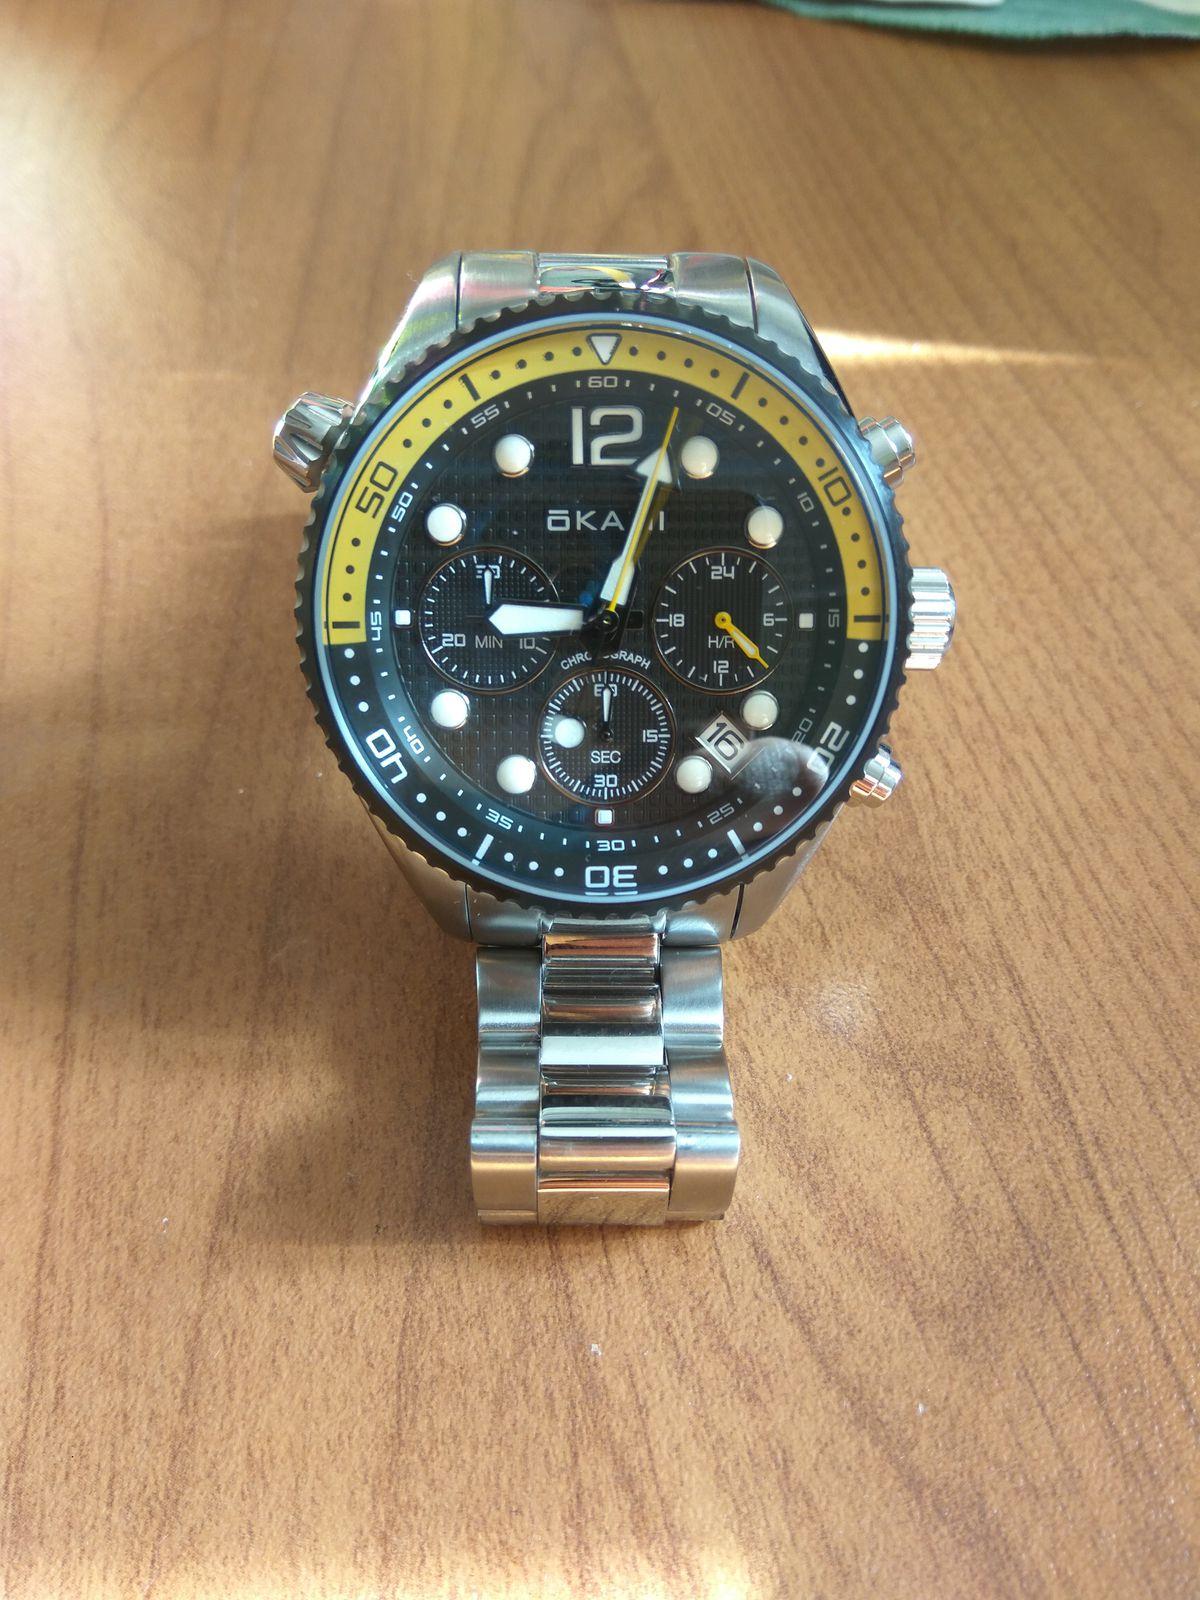 Приобрёл часы в магазине sunlight. обслуживание на высшем уровне, молодцы.